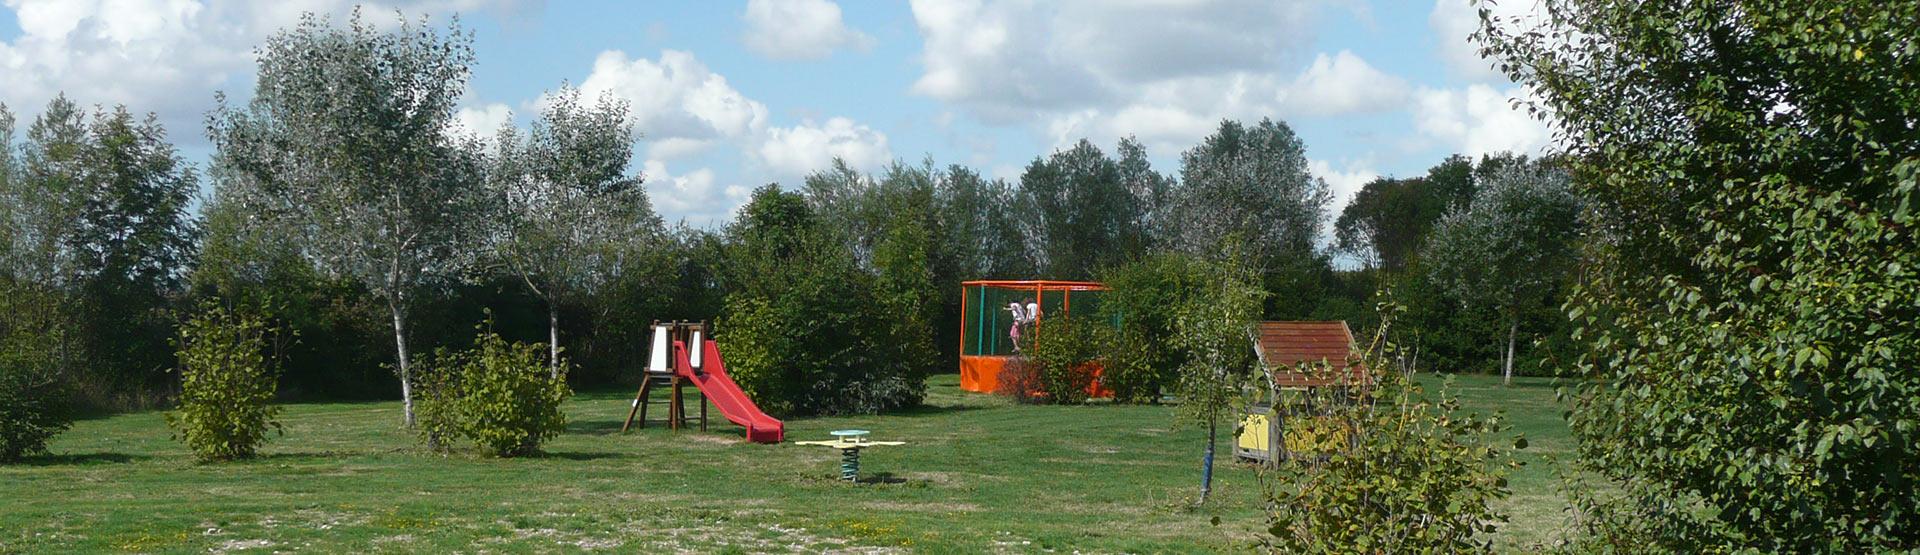 aire de jeux avec trampoline